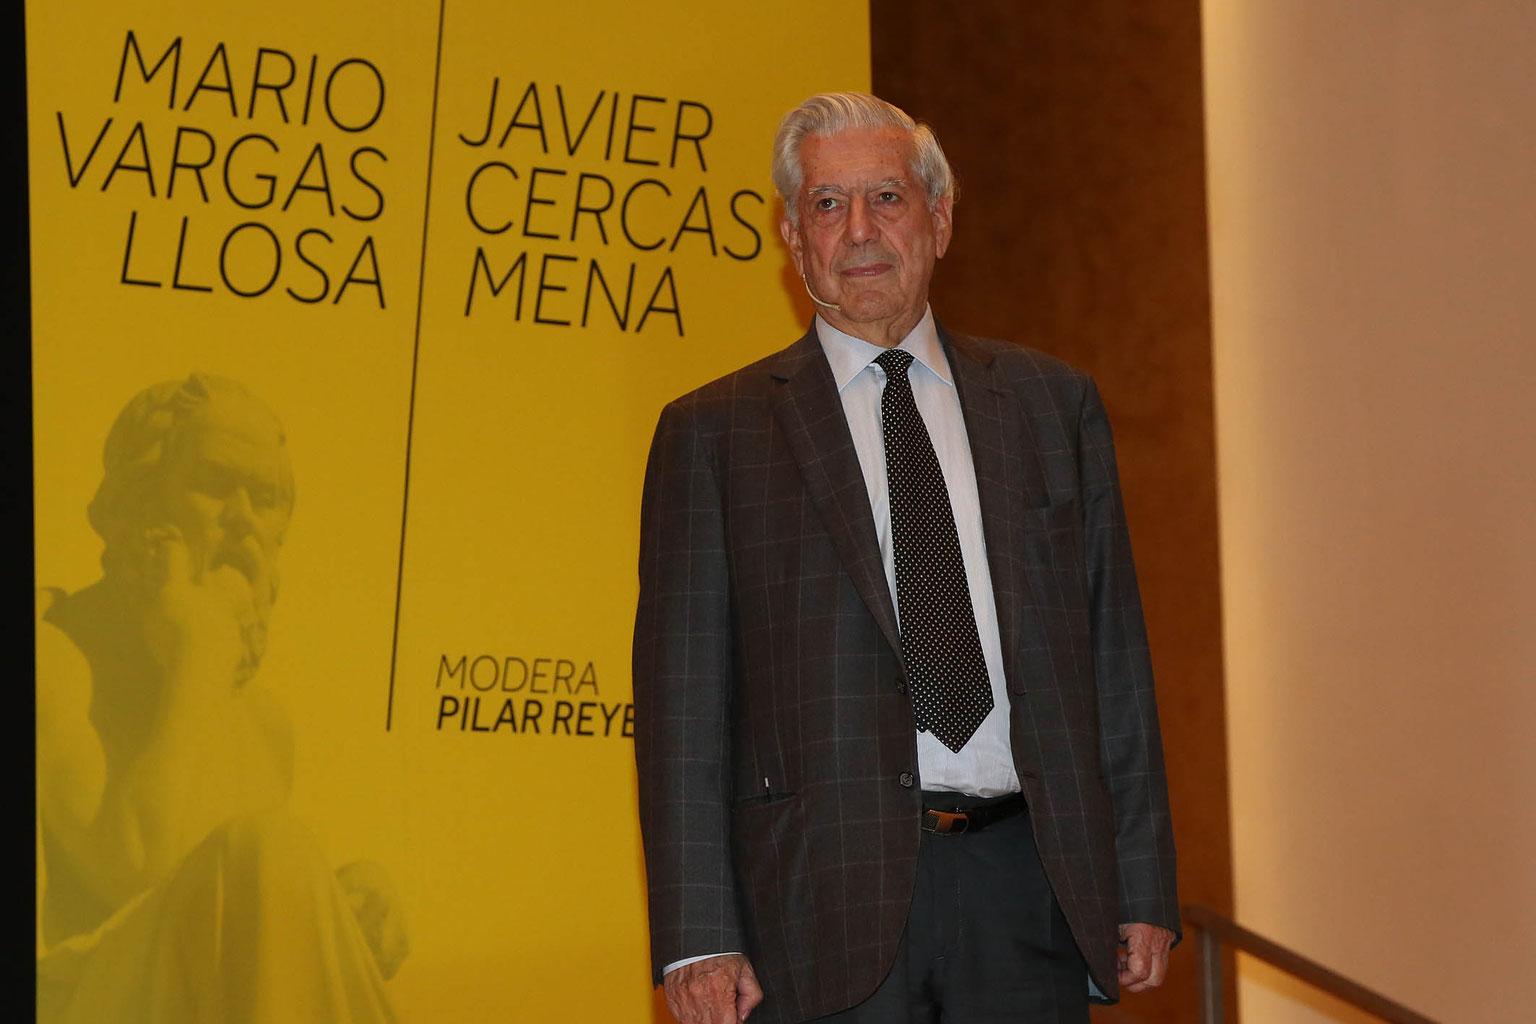 Apunte Sobre Vargas Llosa Y Javier Cercas Ulp Gi Universidad